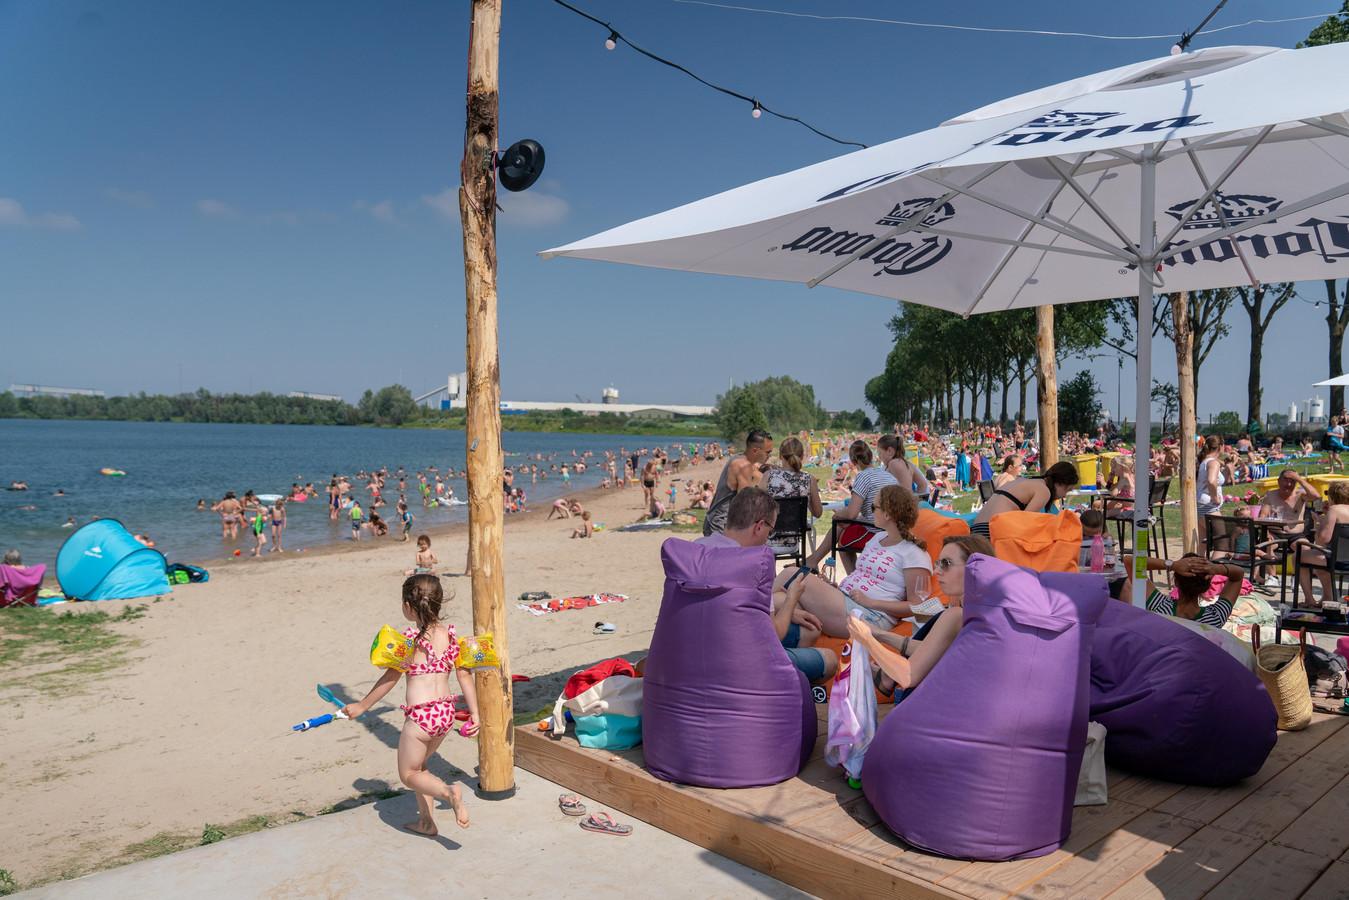 Strandvertier bij BUITEN! in Huissen. Foto: Erik van 't Hullenaar.